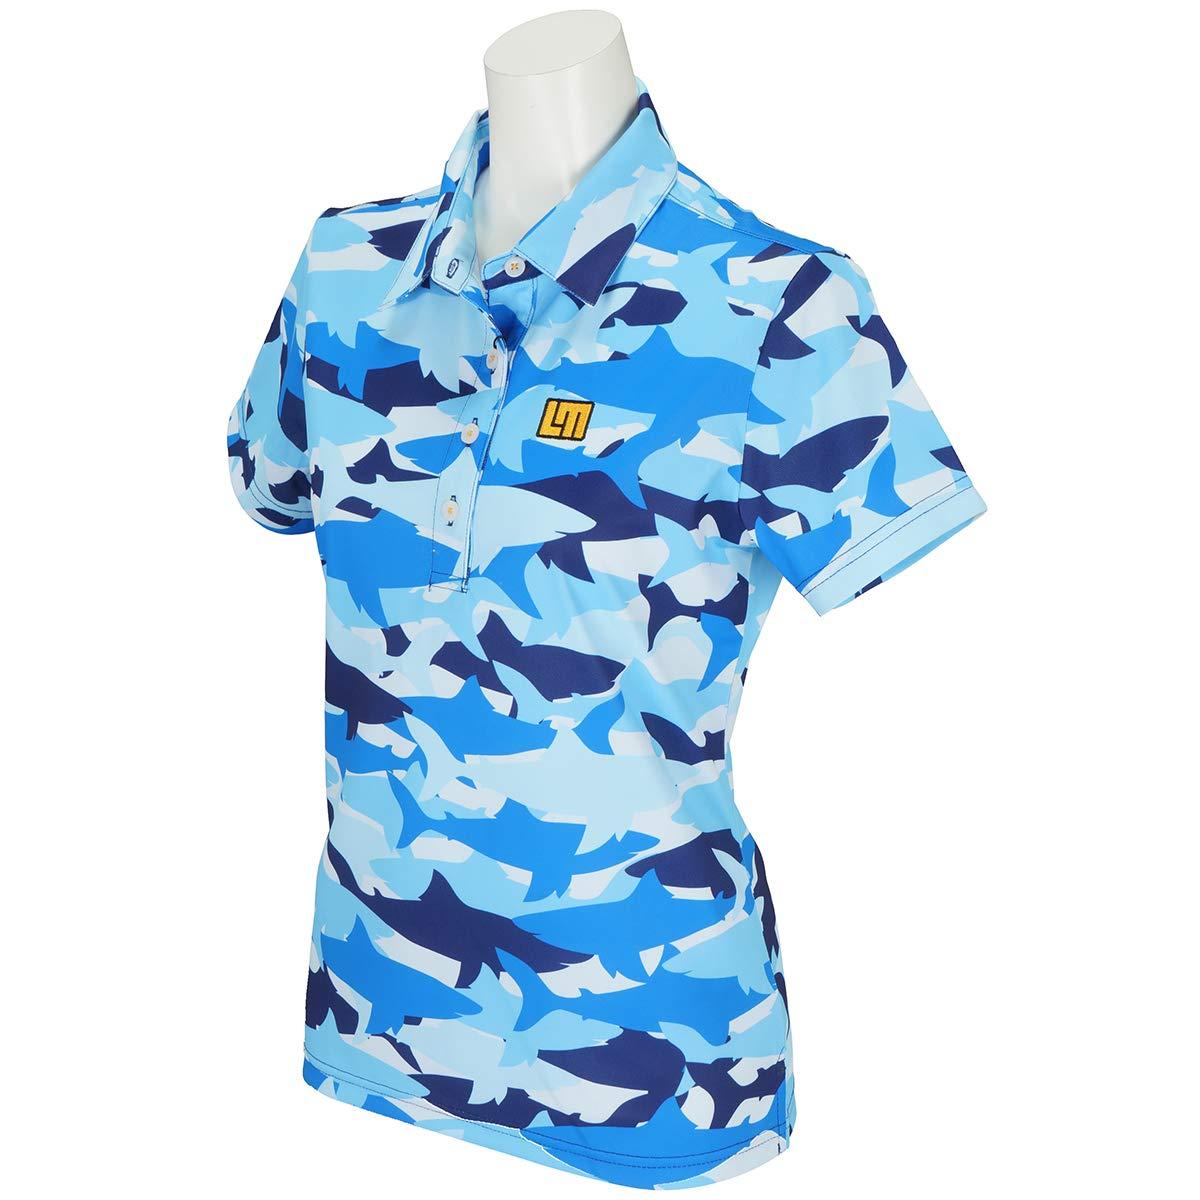 ポロシャツ レディース ラウドマウス ゴルフ LOUDMOUTH GOLF 日本正規品 日本規格 2019 春夏 ゴルフウェア 769-653 B07NJLT282